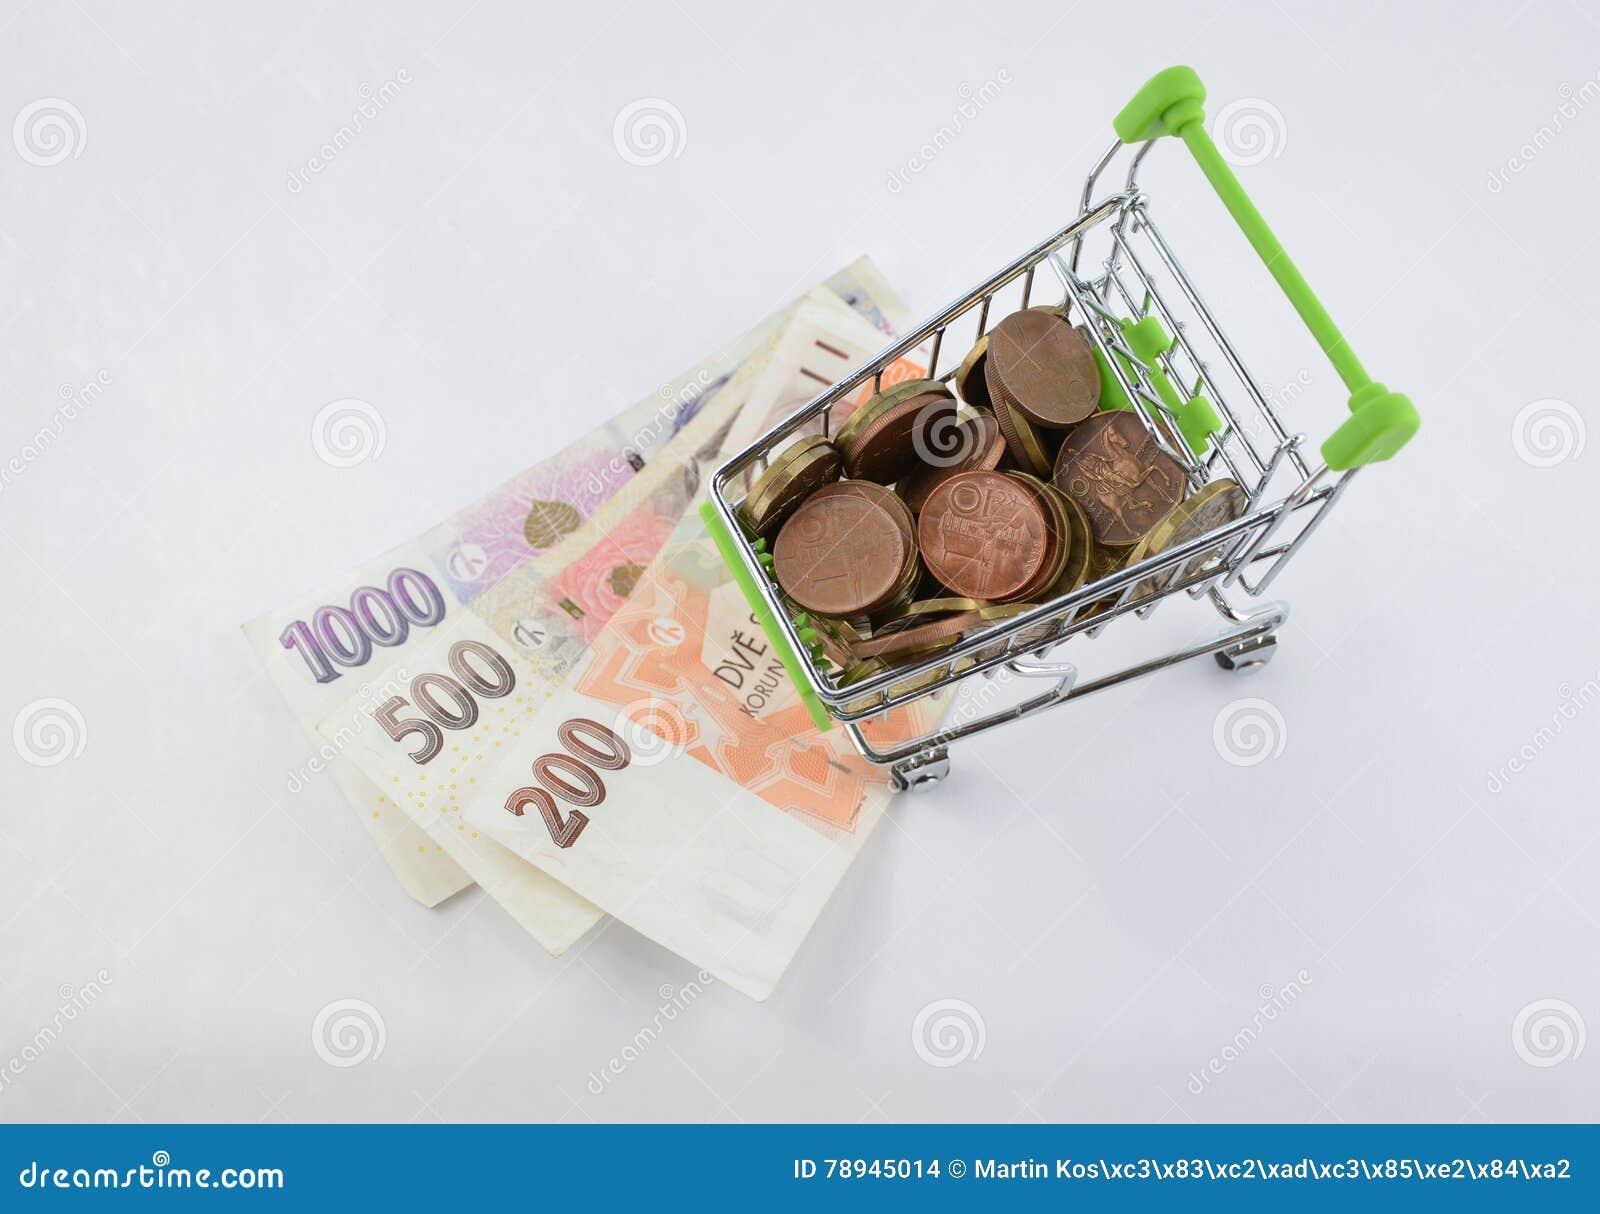 Glansowane i kolorowe monety z banknotami w shoping furze Pieniężna rzecz Tło